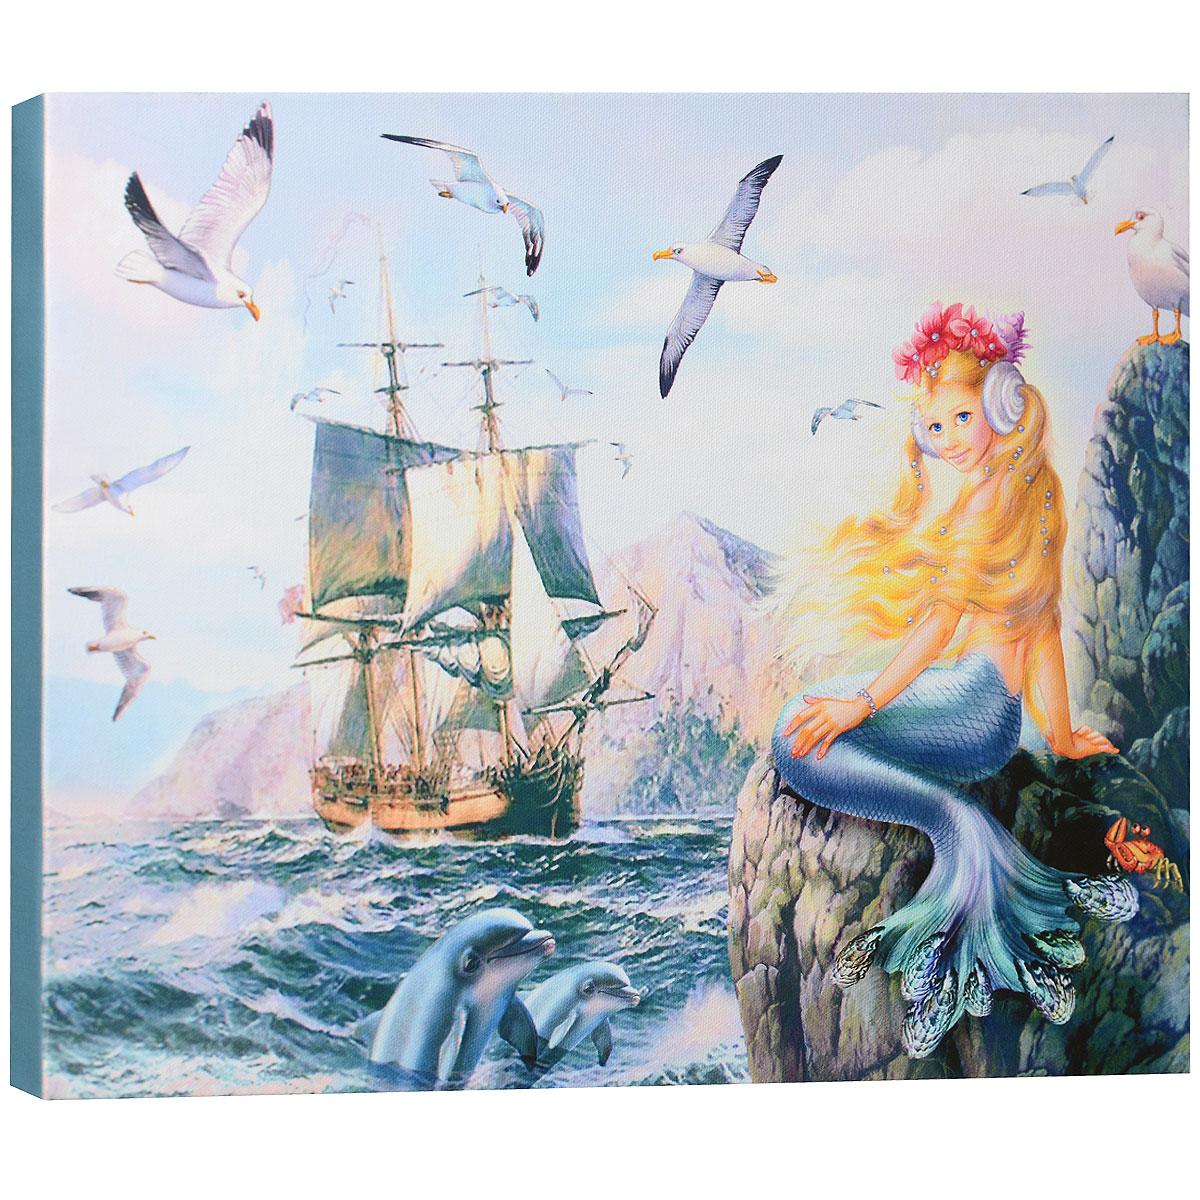 """Картина на холсте КвикДекор """"Морская принцесса"""" автора Зорина Балдеску дополнит обстановку интерьера яркими красками и необычным оформлением. Изделие представляет собой картину с латексной печатью на натуральном хлопчатобумажном холсте. Галерейная натяжка холста на подрамники выполнена очень аккуратно, а боковые части картины запечатаны тоновой заливкой. Обратная сторона подрамника содержит отверстие, благодаря которому картину можно легко закрепить на стене и подкорректировать ее положение. Автор картины специализируется на создании восхитительных сказочных образов - русалок, принцесс, фей, единорогов и многих других. Сказки, иллюстрированные Зориной, - особый, волшебный и очаровательный мир, подаренный нам художницей посредством ее искусства и неисчерпаемой фантазии. Картина """"Морская принцесса"""" отлично подойдет к интерьеру не только детской комнаты, но и гостиной. Картина поставляется в стрейч-пленке с защитными картонными уголками, упакована в..."""